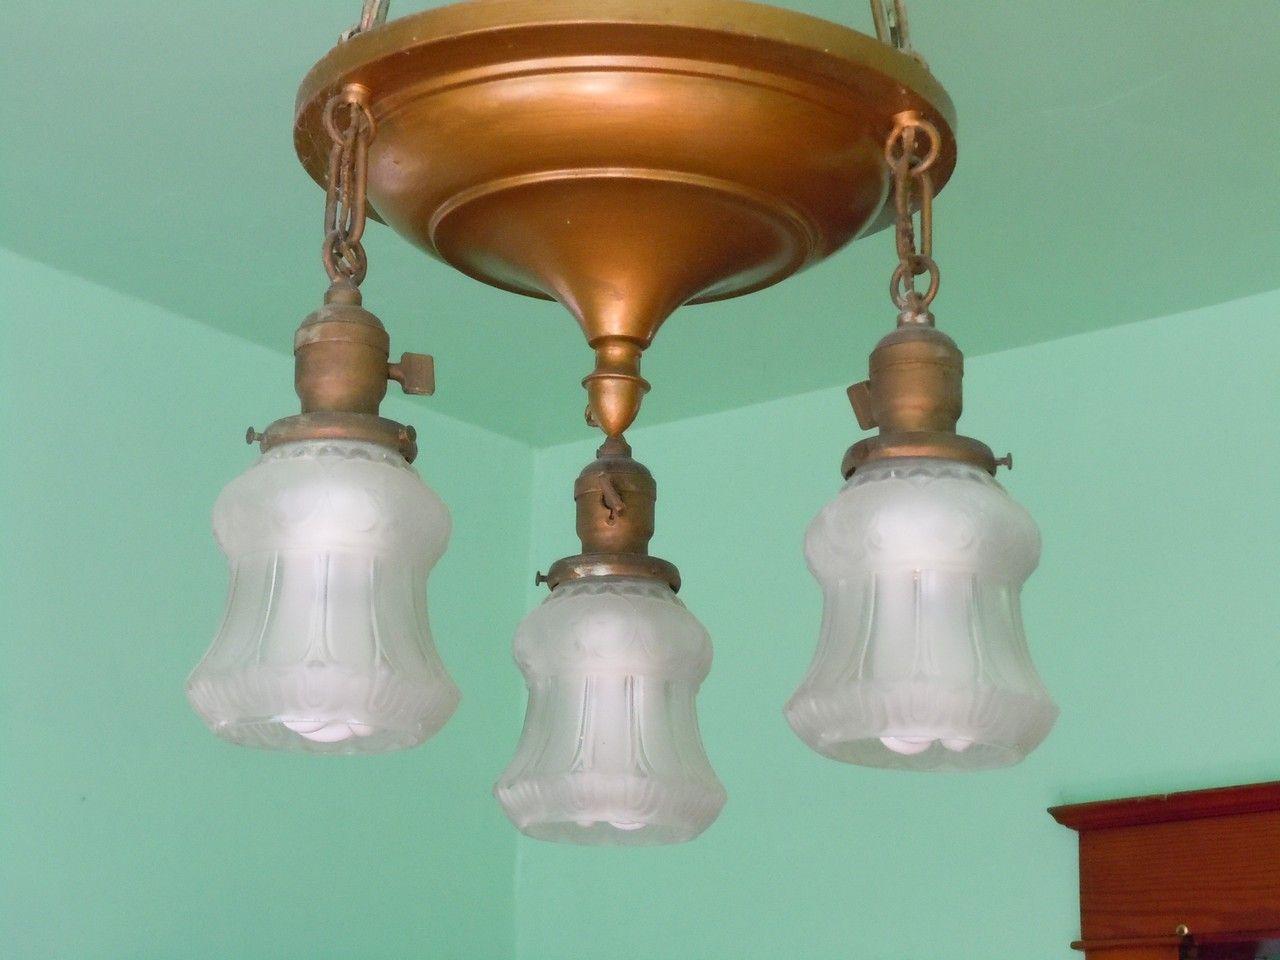 Dining Room Light Fixture In Sears Starlight Dining Room Light Fixtures Light Ceiling Lights